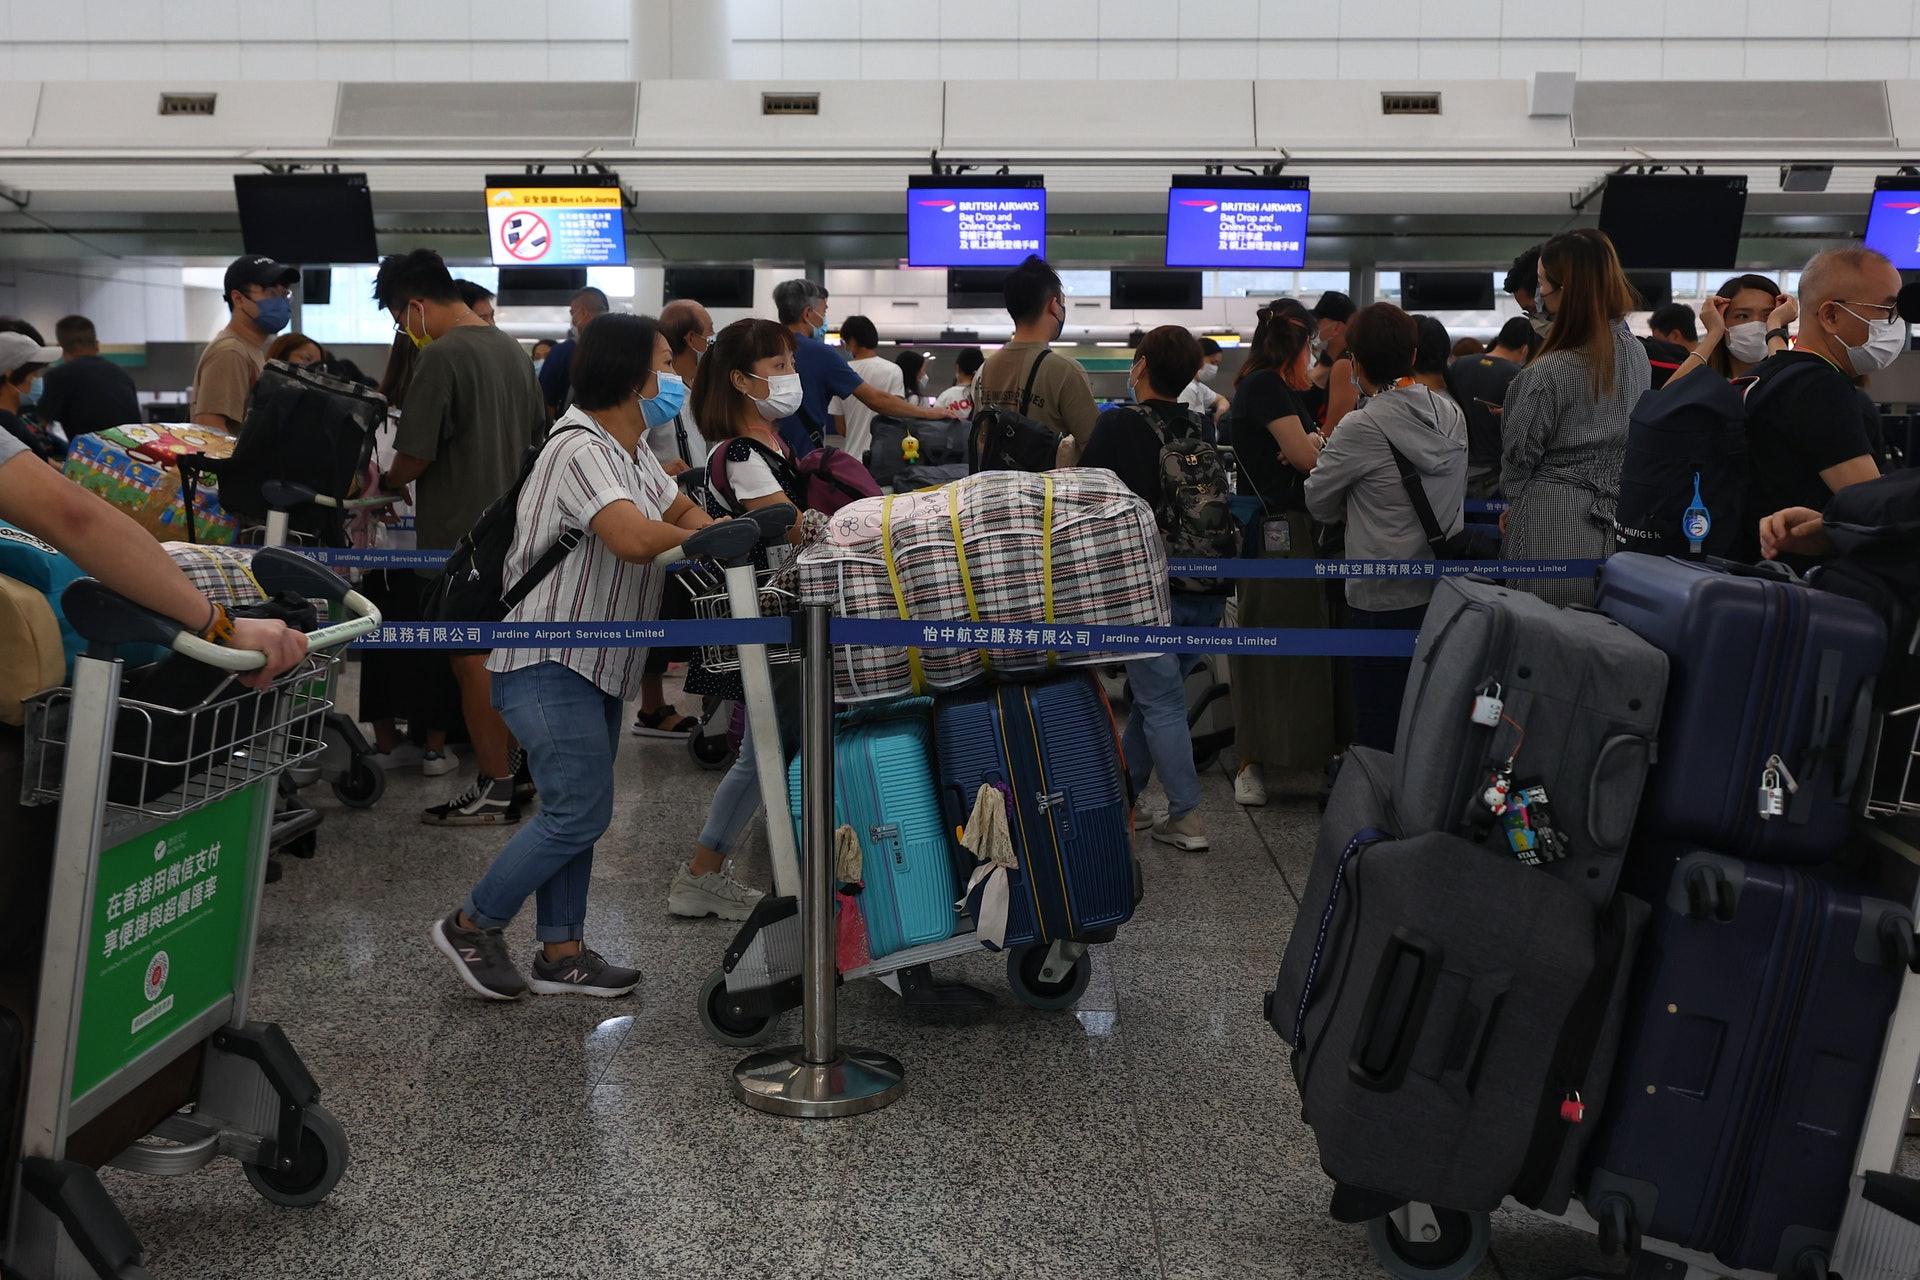 """泣不成声 直击""""逃港潮"""":机场挤满最后期限离港民众"""